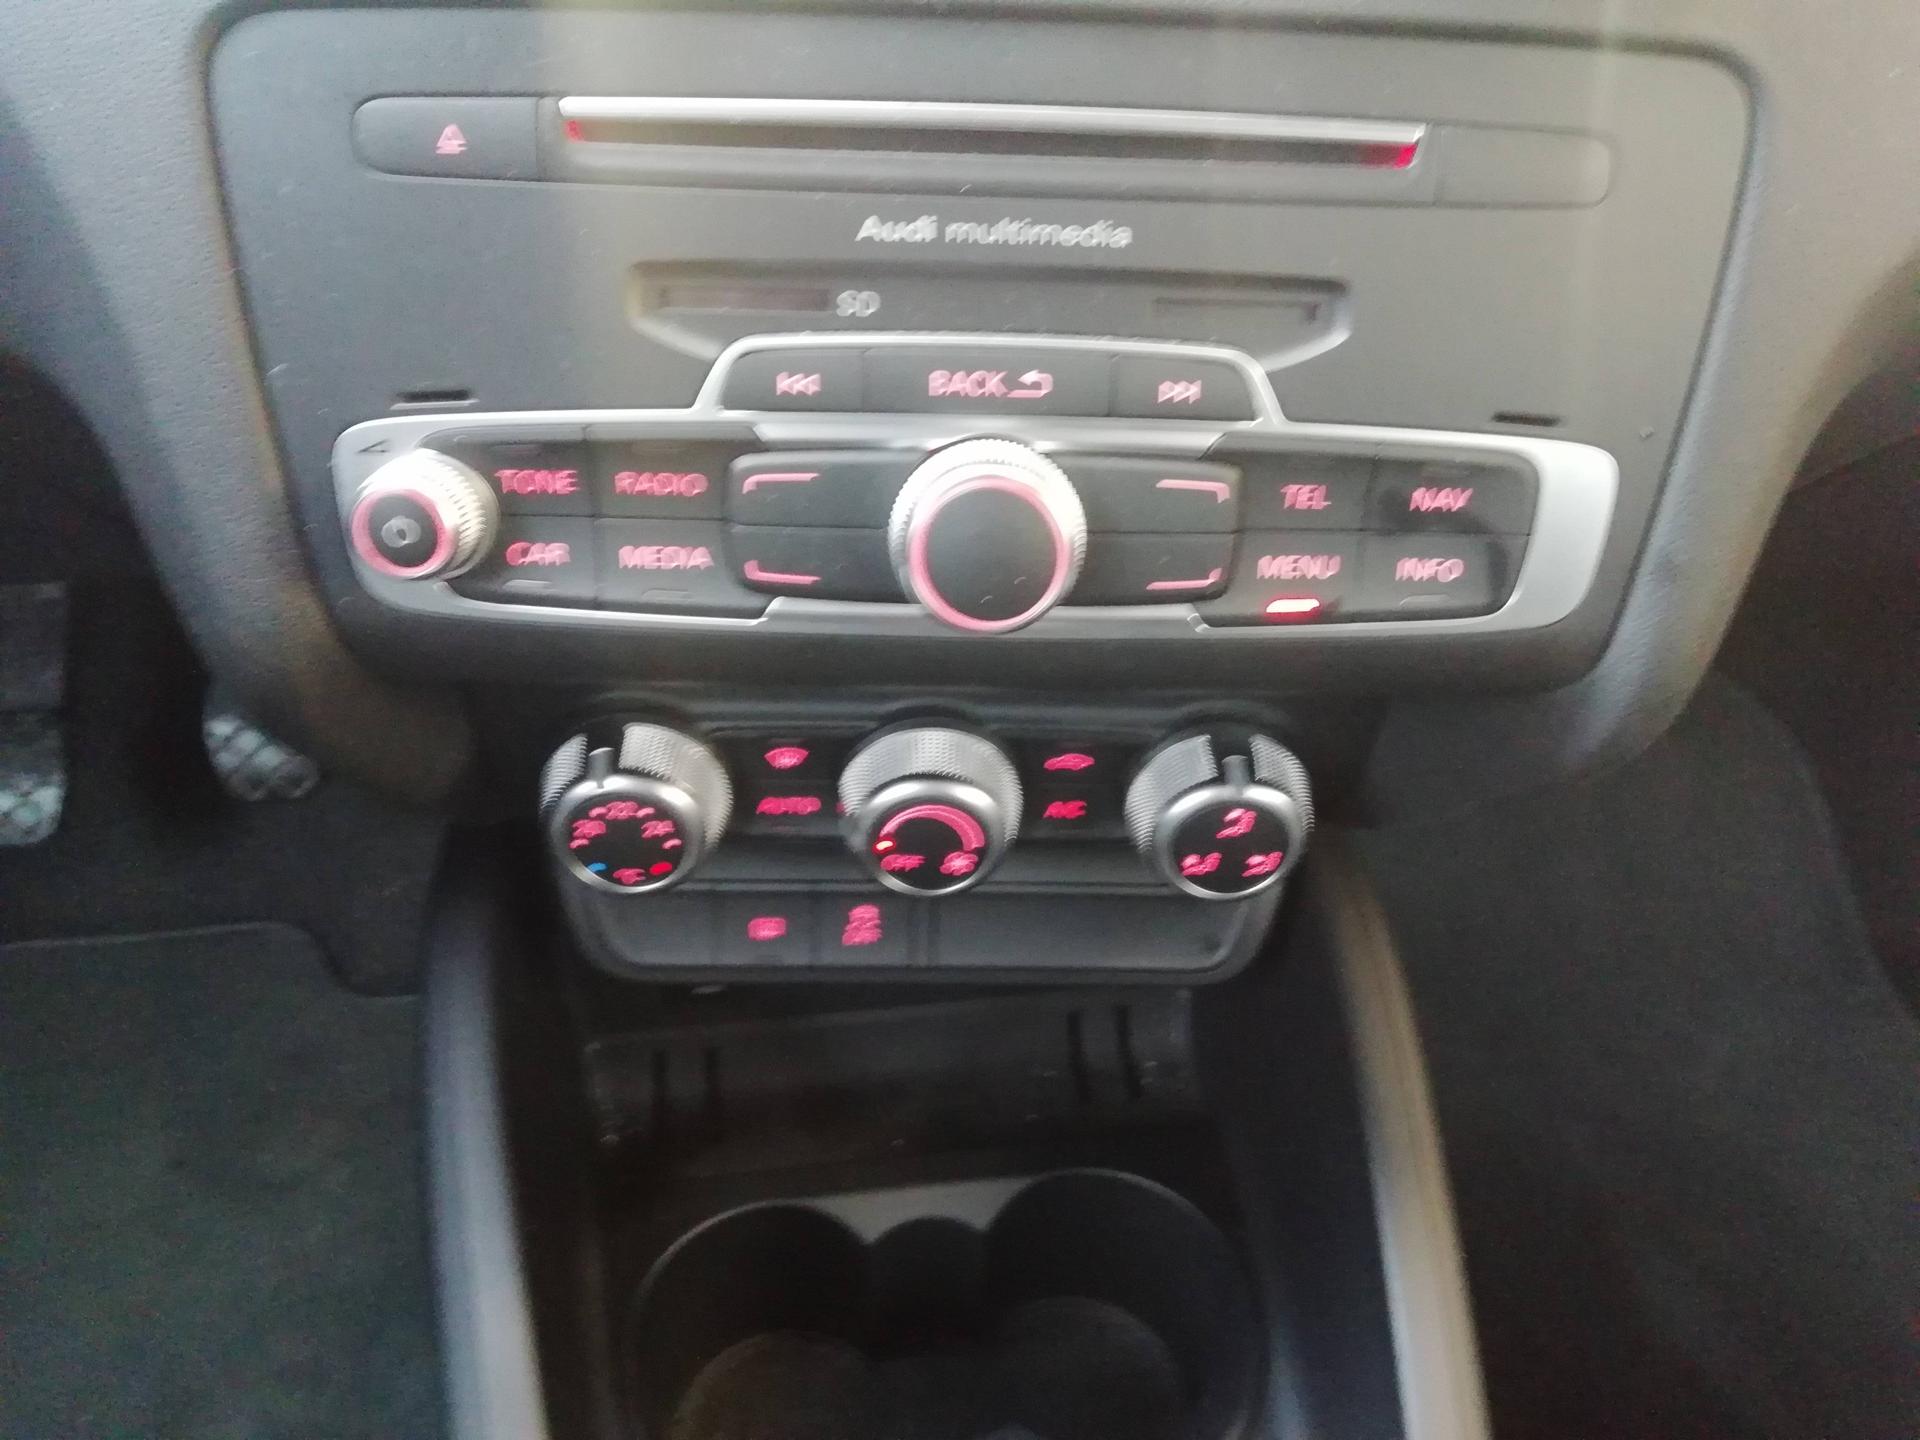 12 - A1 Sportback 1.4 TDI 90 ultra